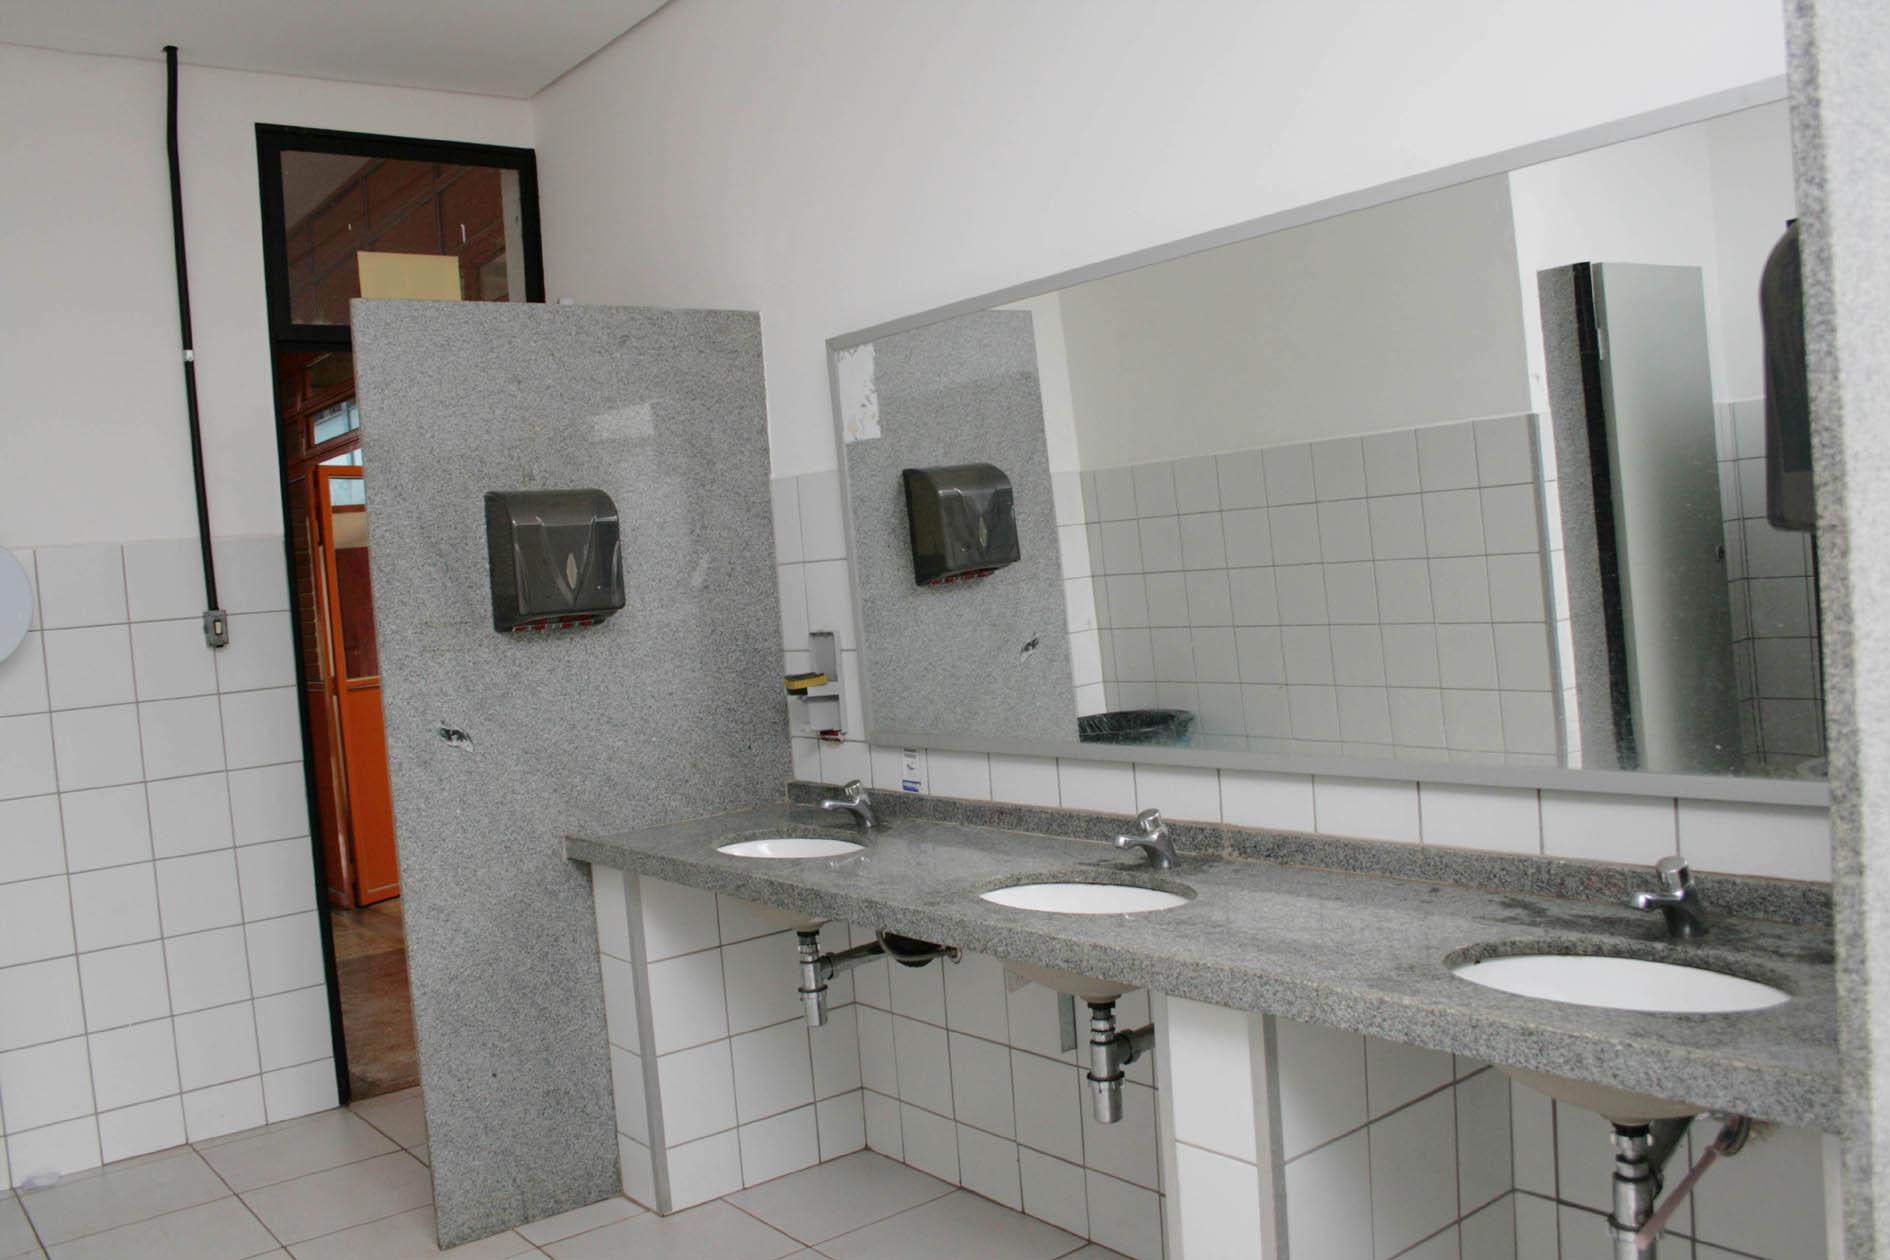 #6F3A23 Com a reforma sanitários seguirão padrão dos novos prédios da UEL 1890x1260 px Banheiro Deficiente Padrao 3403